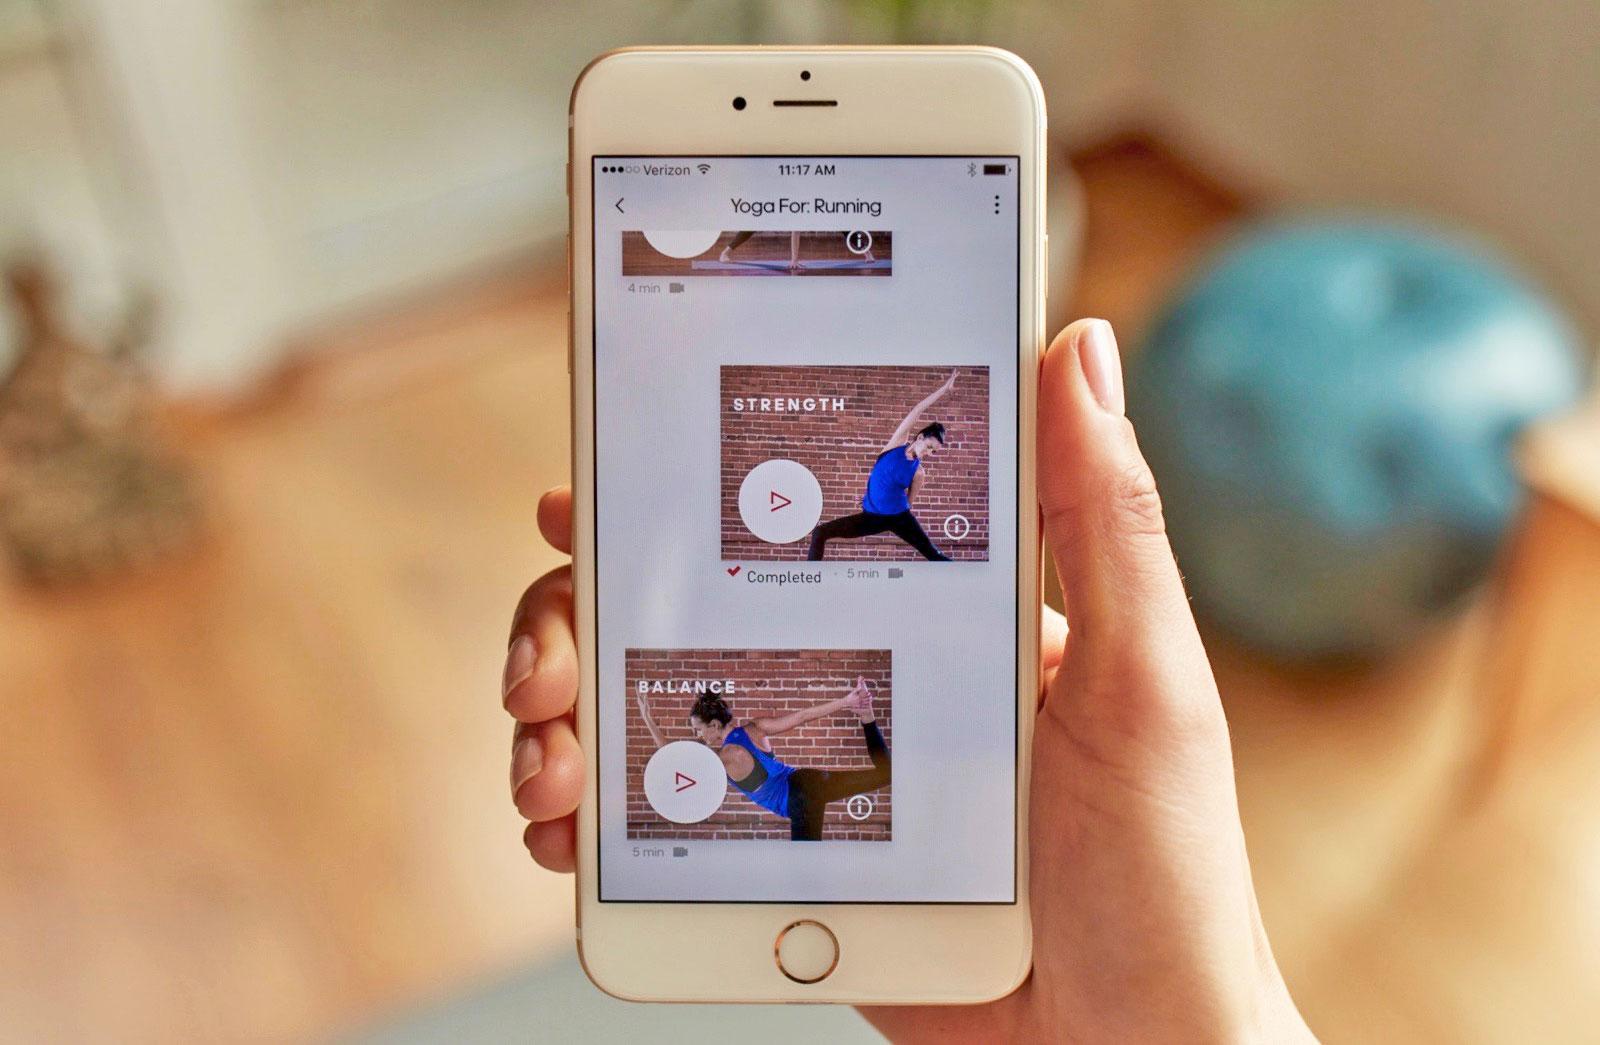 تطبيق All Day من أديداس لتحسين اللياقة البدنية ولجميع المستويات